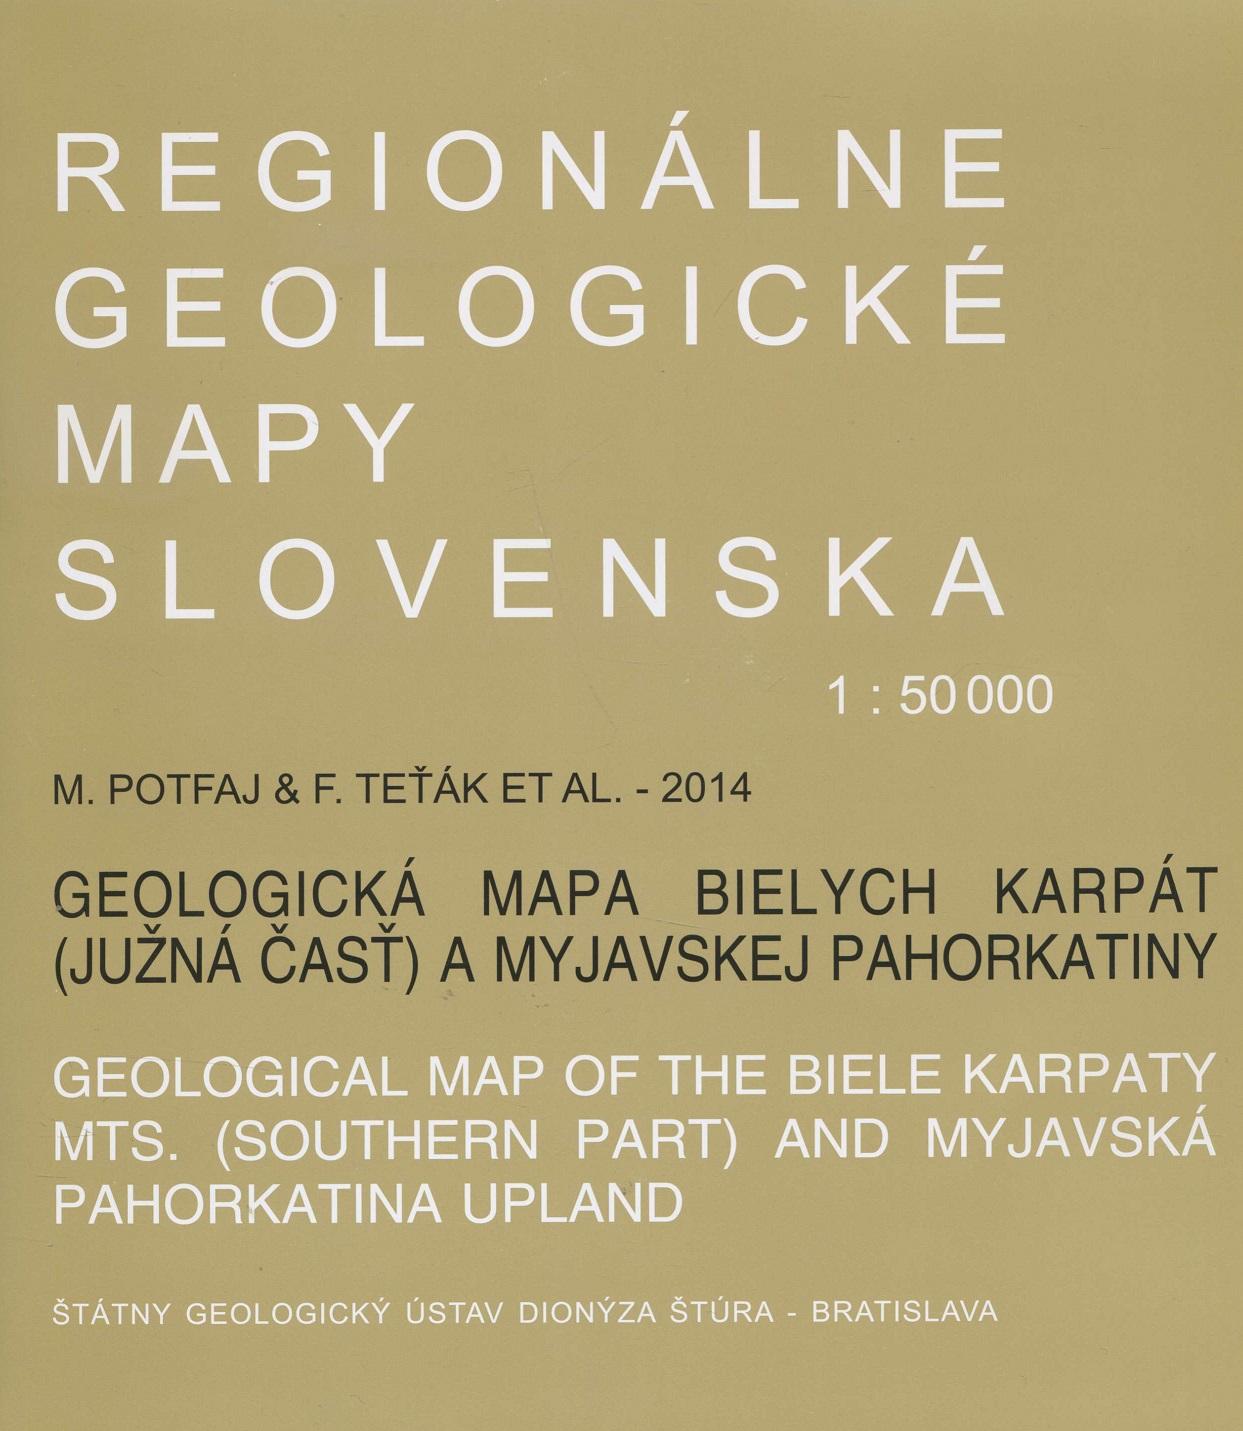 Geologická mapa Bielych Karpát 1:50 000 - Regionálne geologické mapy Slovenska